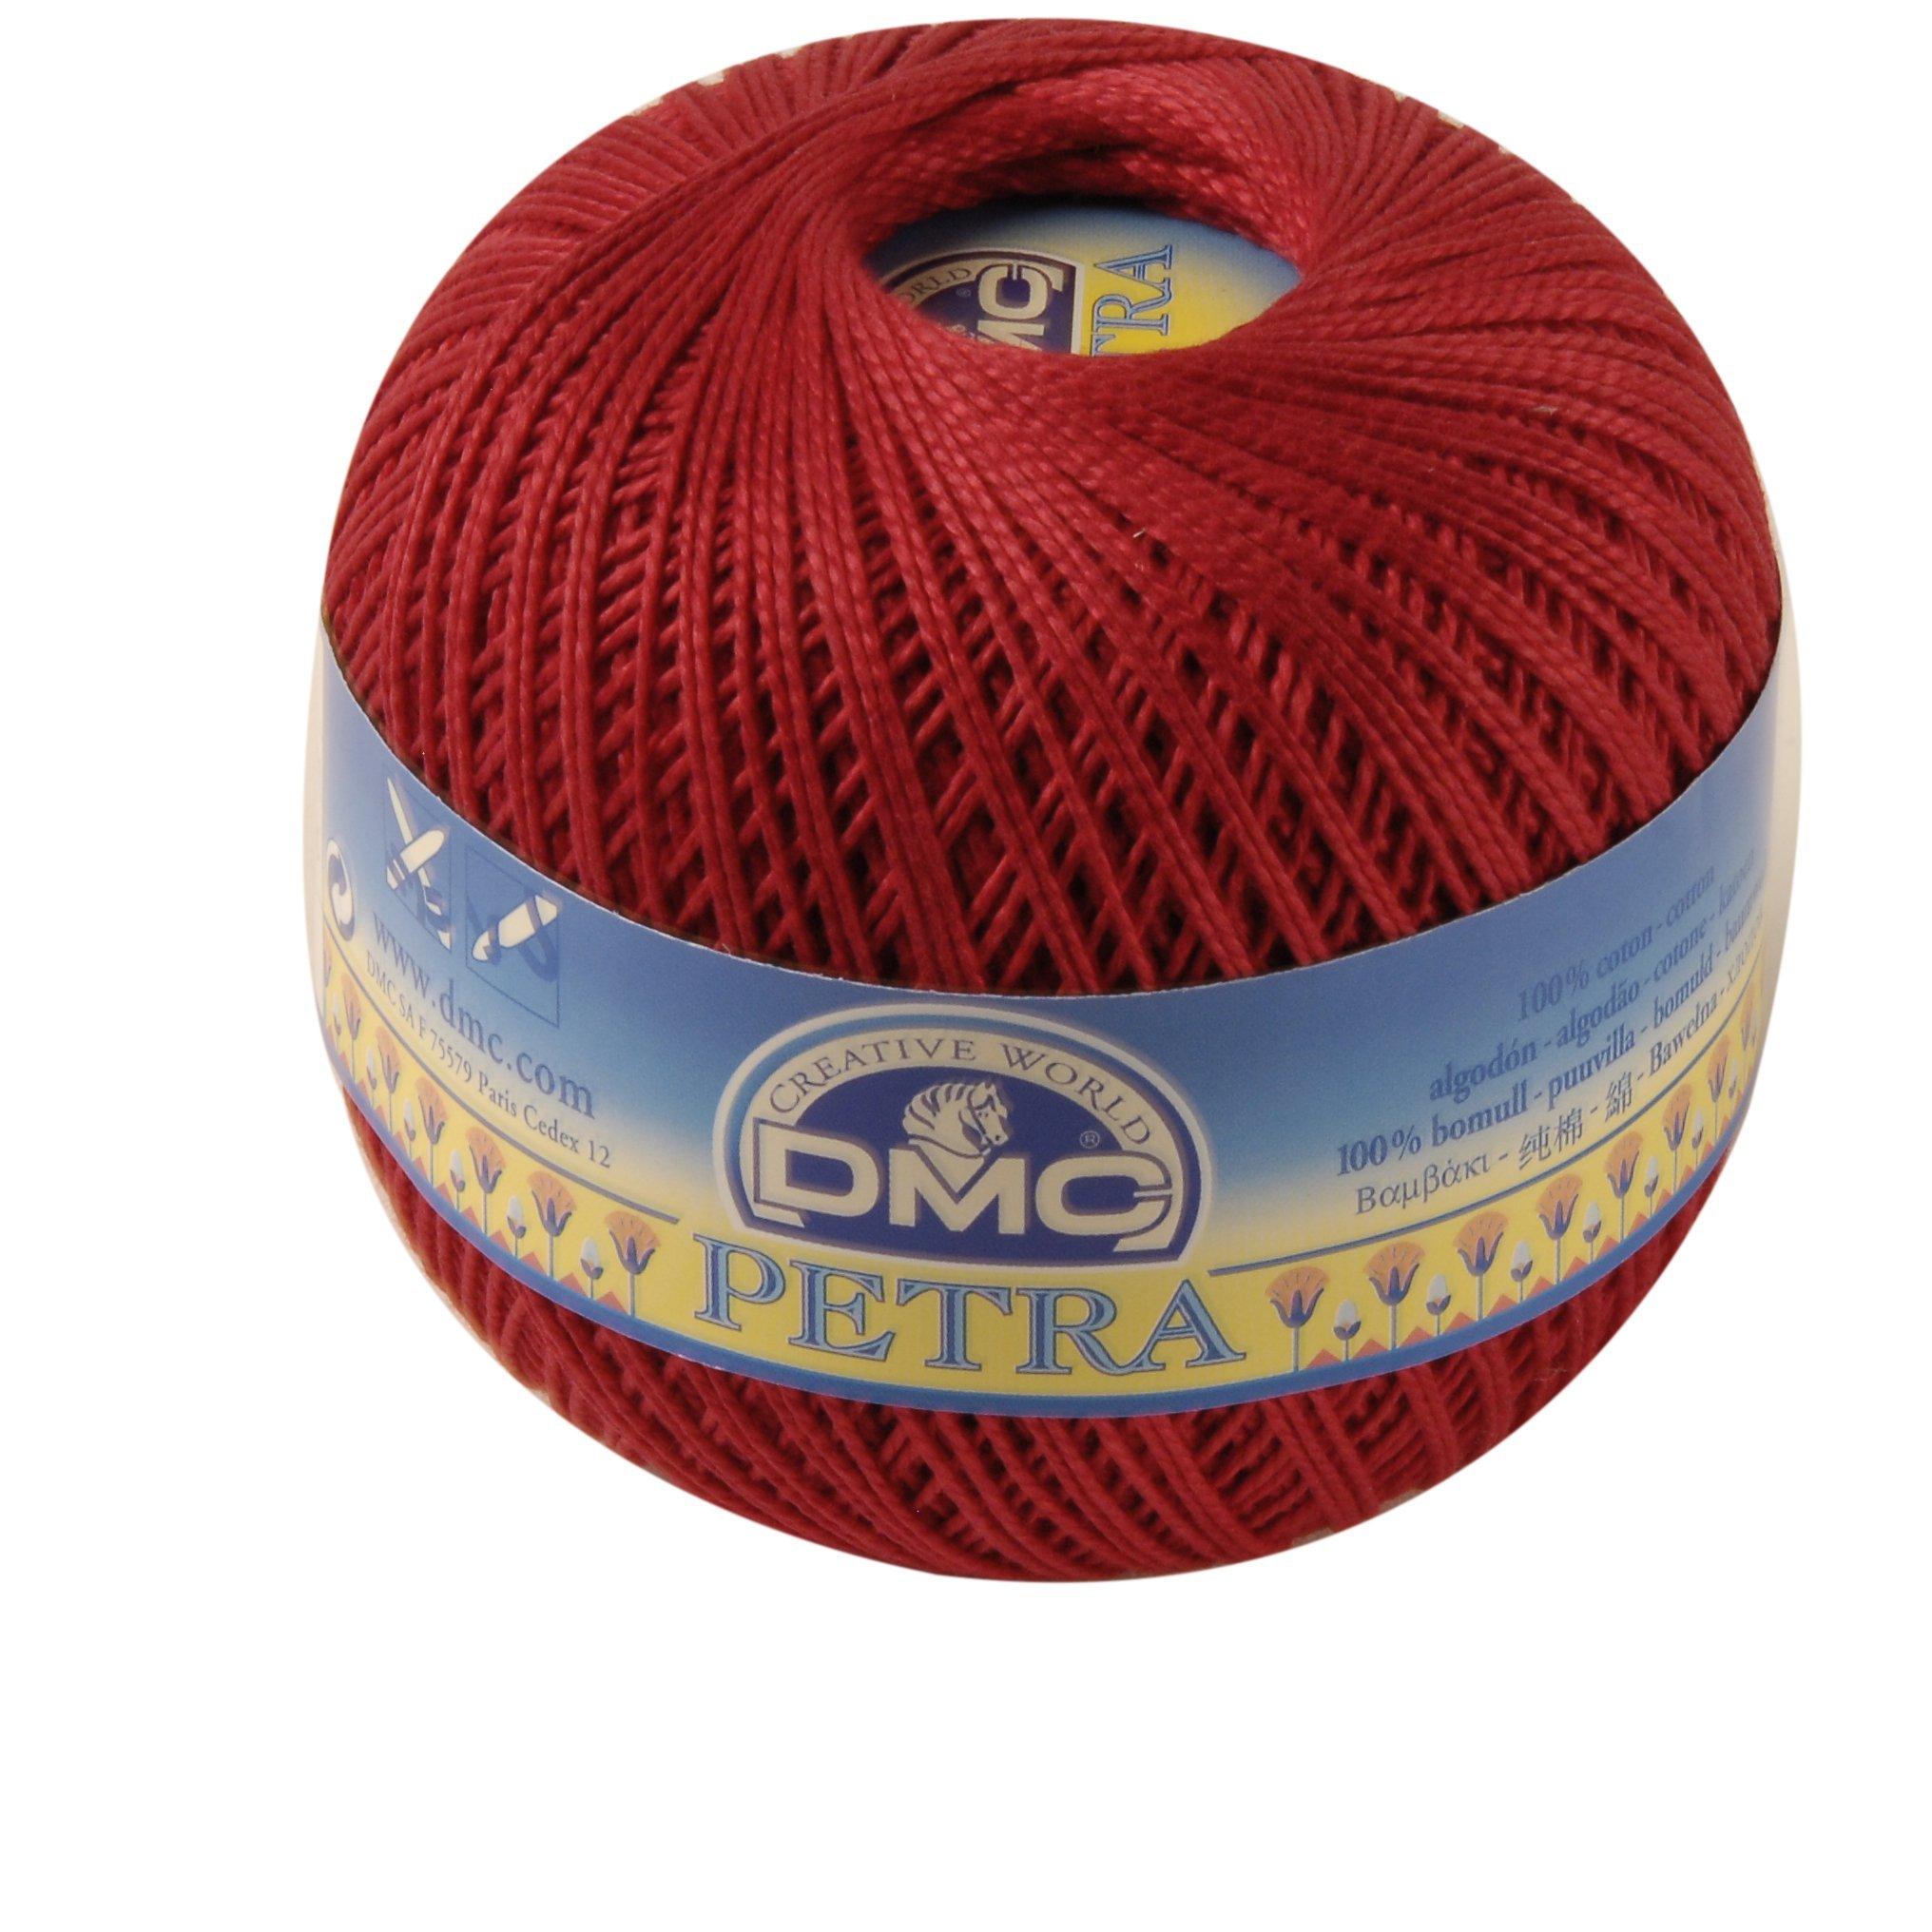 DMC Petra de Hilo, 100% algodón, Rojo, tamaño 5: Amazon.es: Hogar